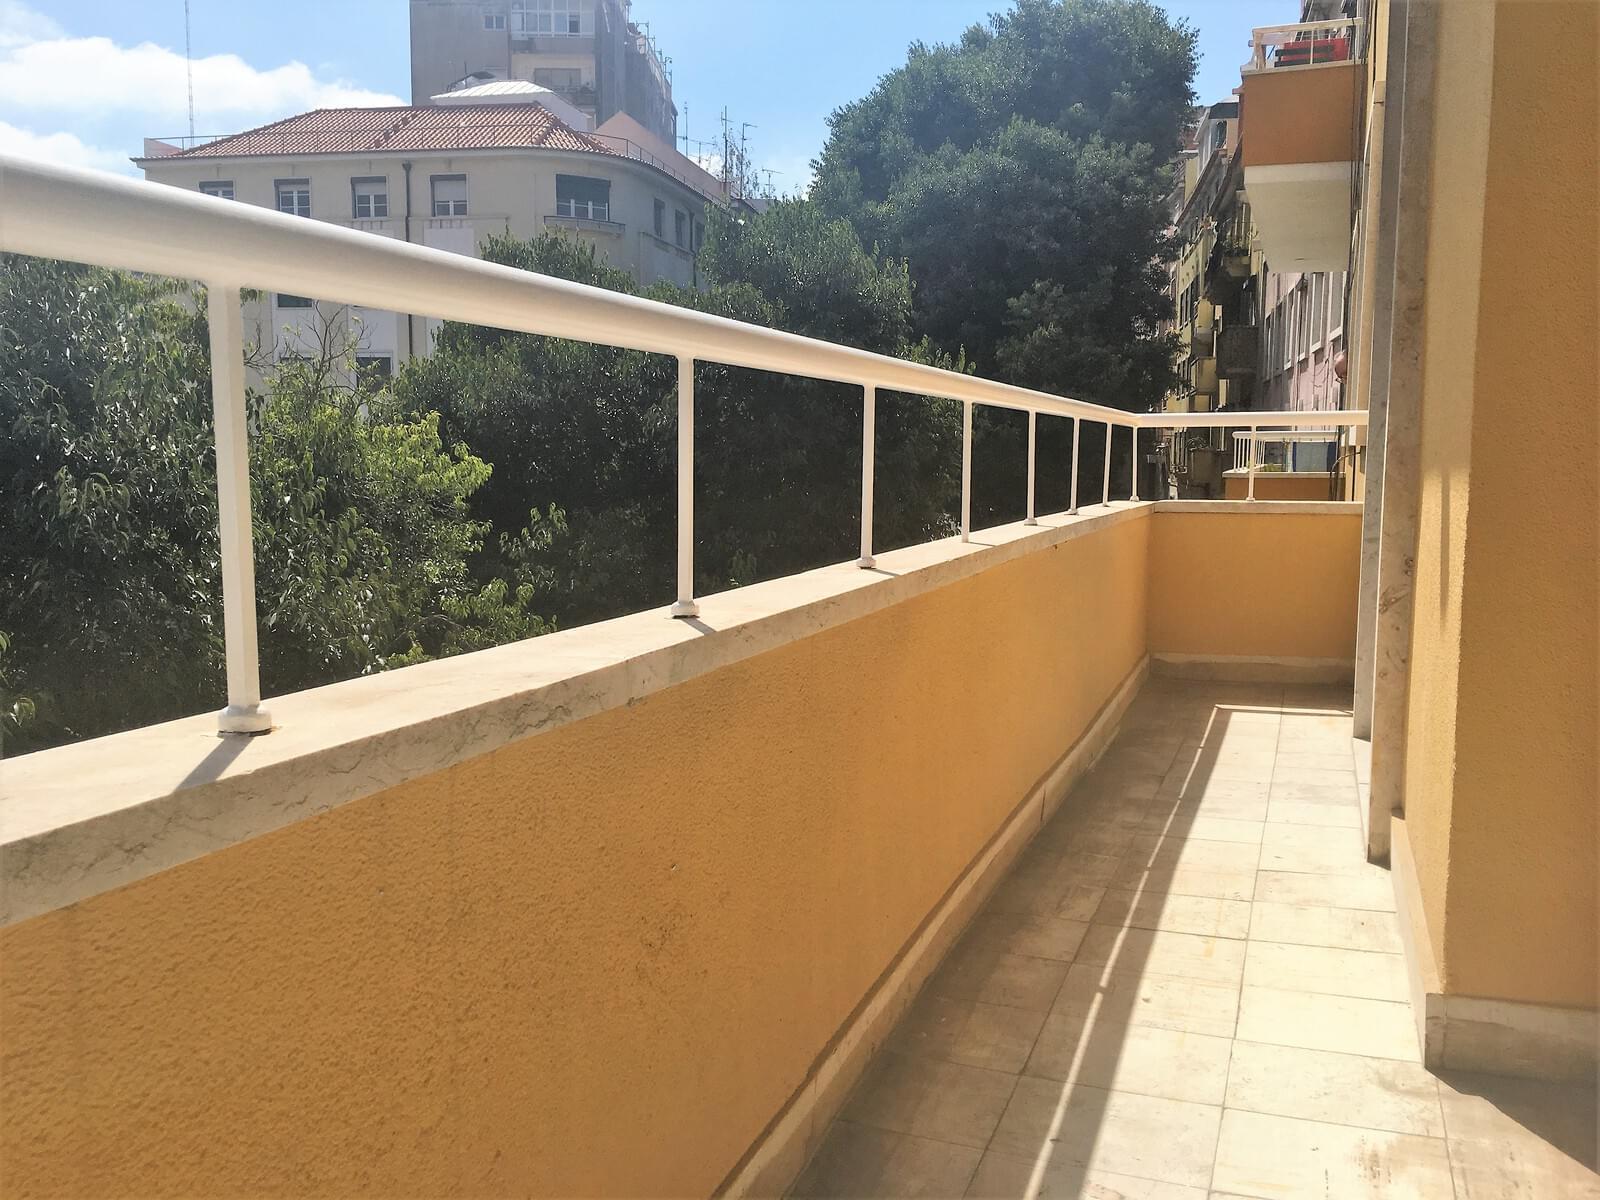 pf17642-apartamento-t3-lisboa-69f250e2-4ec3-4b41-8f46-40665768f25c